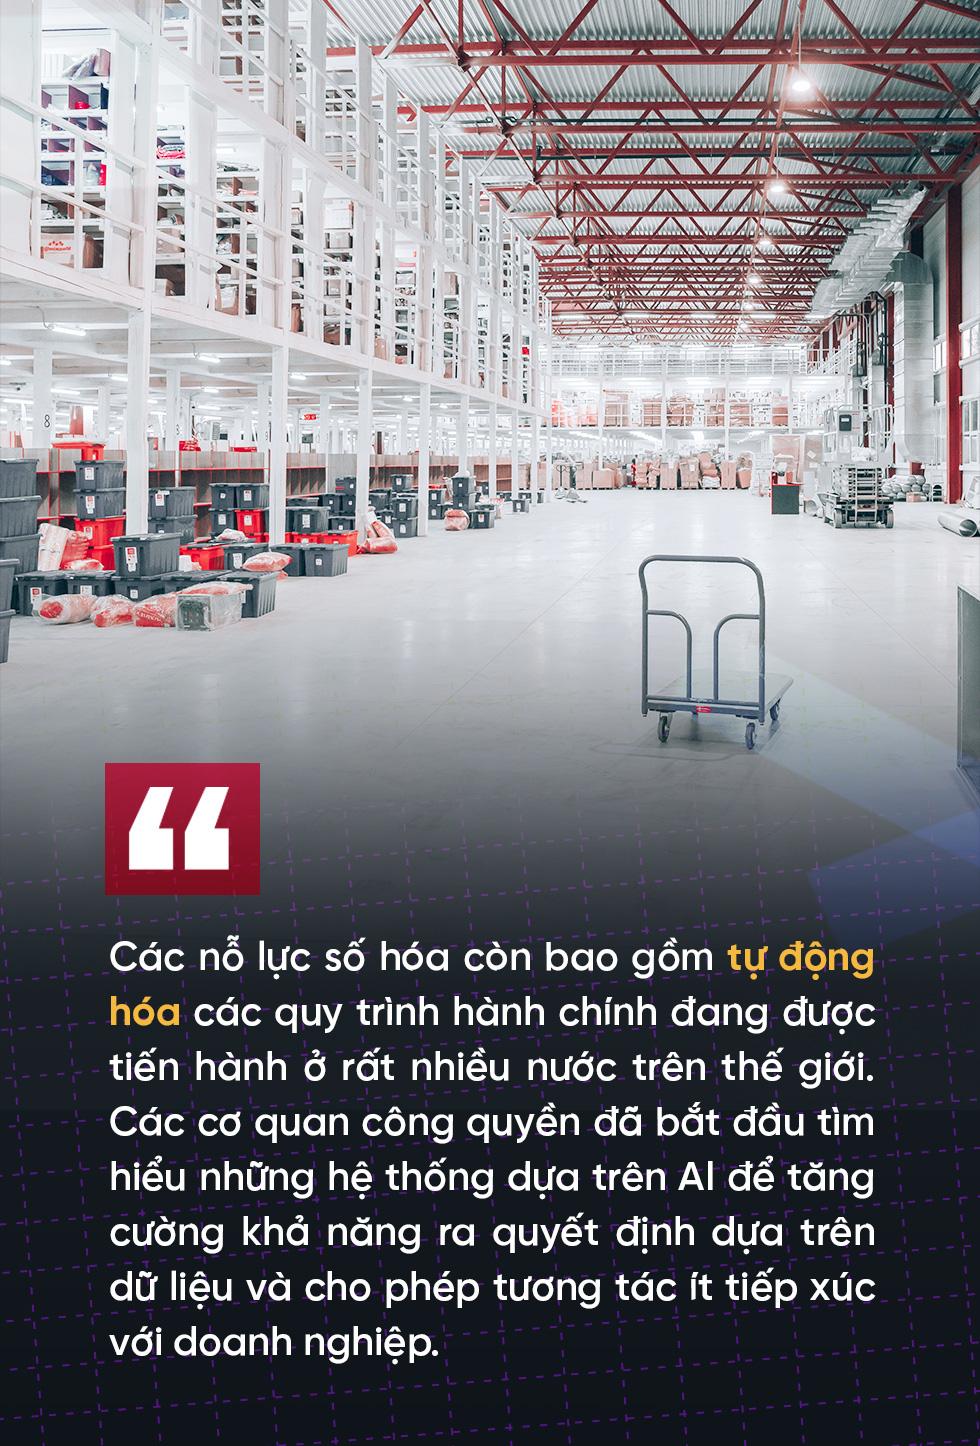 (Kì 4) COVID-19 và năng lực phục hồi của nền kinh tế - Ảnh 7.